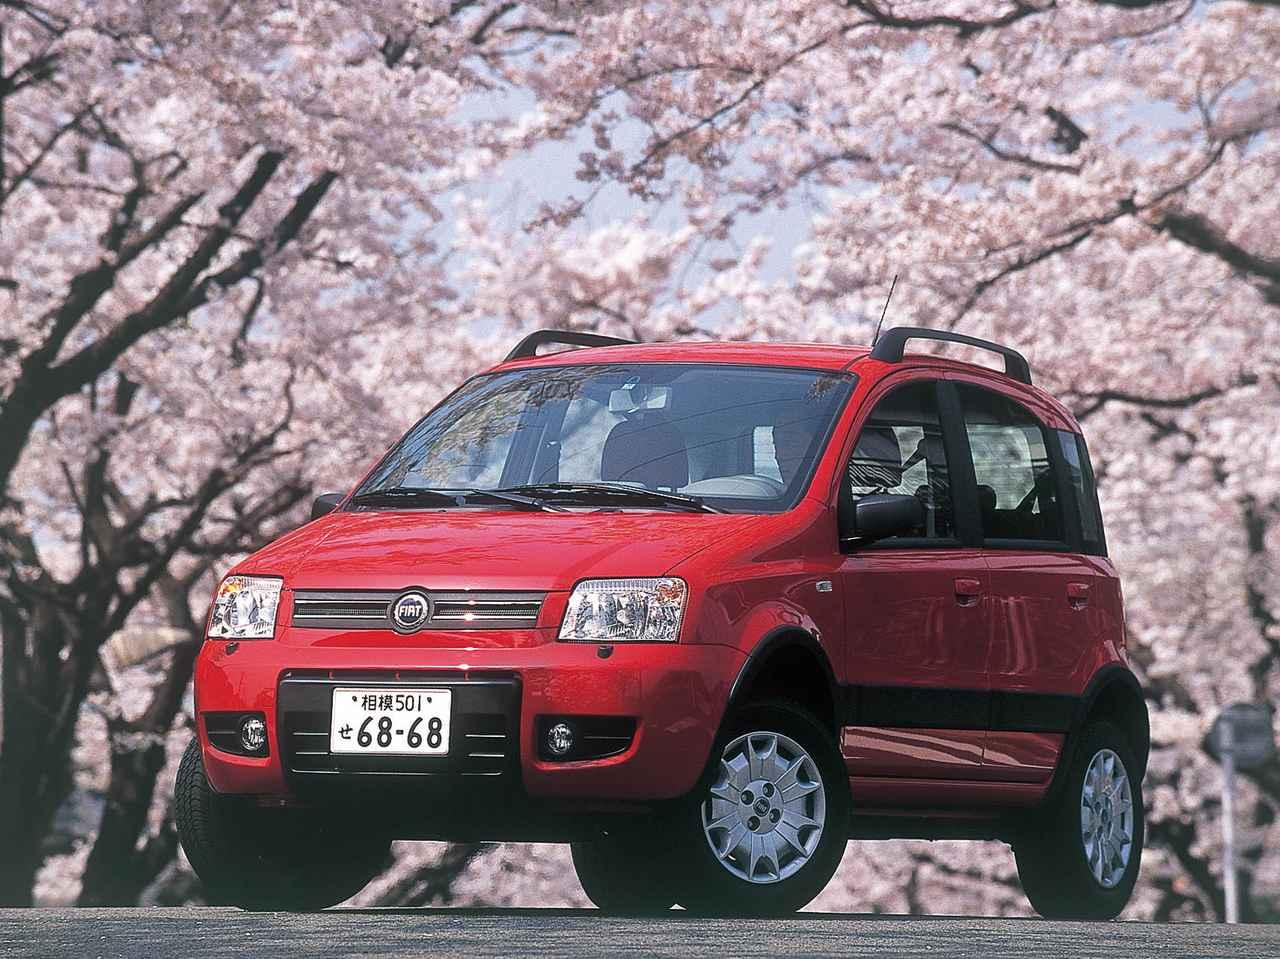 【ヒットの法則39】2005年、4WDの登場で日本でもフィアット・パンダの人気がさらに上昇